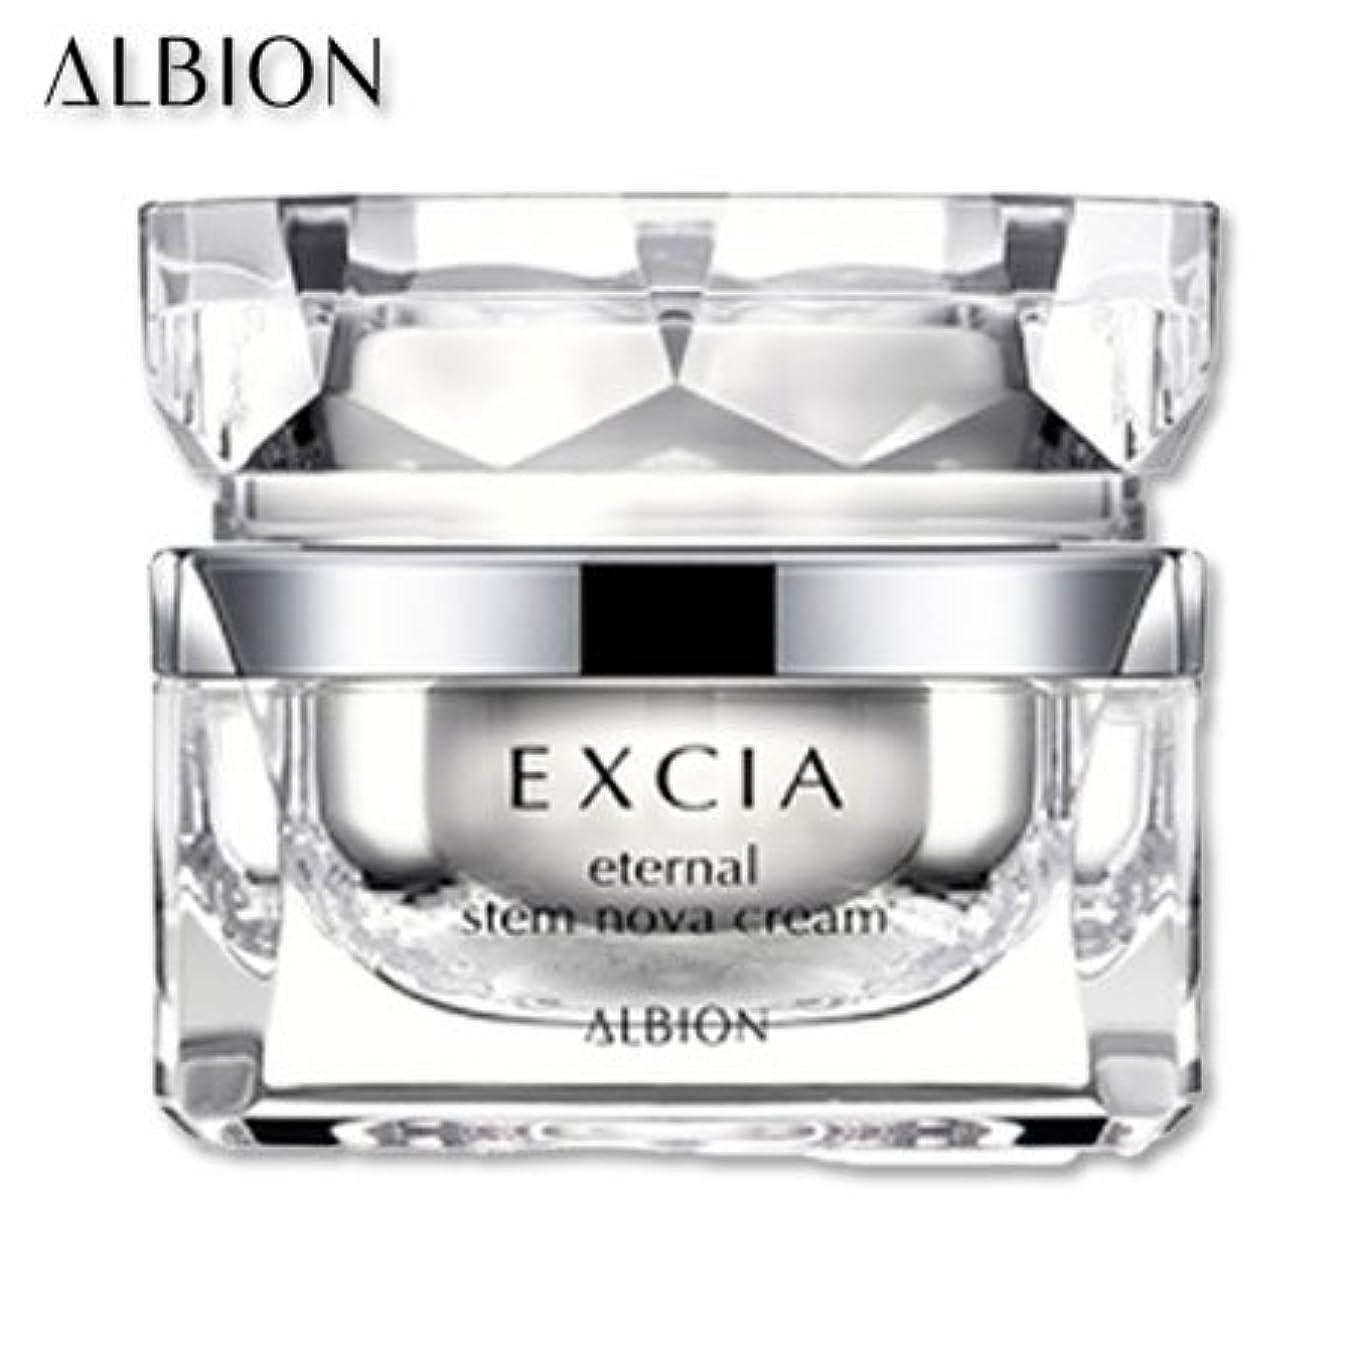 タッチ禁じる麻痺させるアルビオン エクシア AL エターナル ステム ノーヴァ クリーム 30g-ALBION-